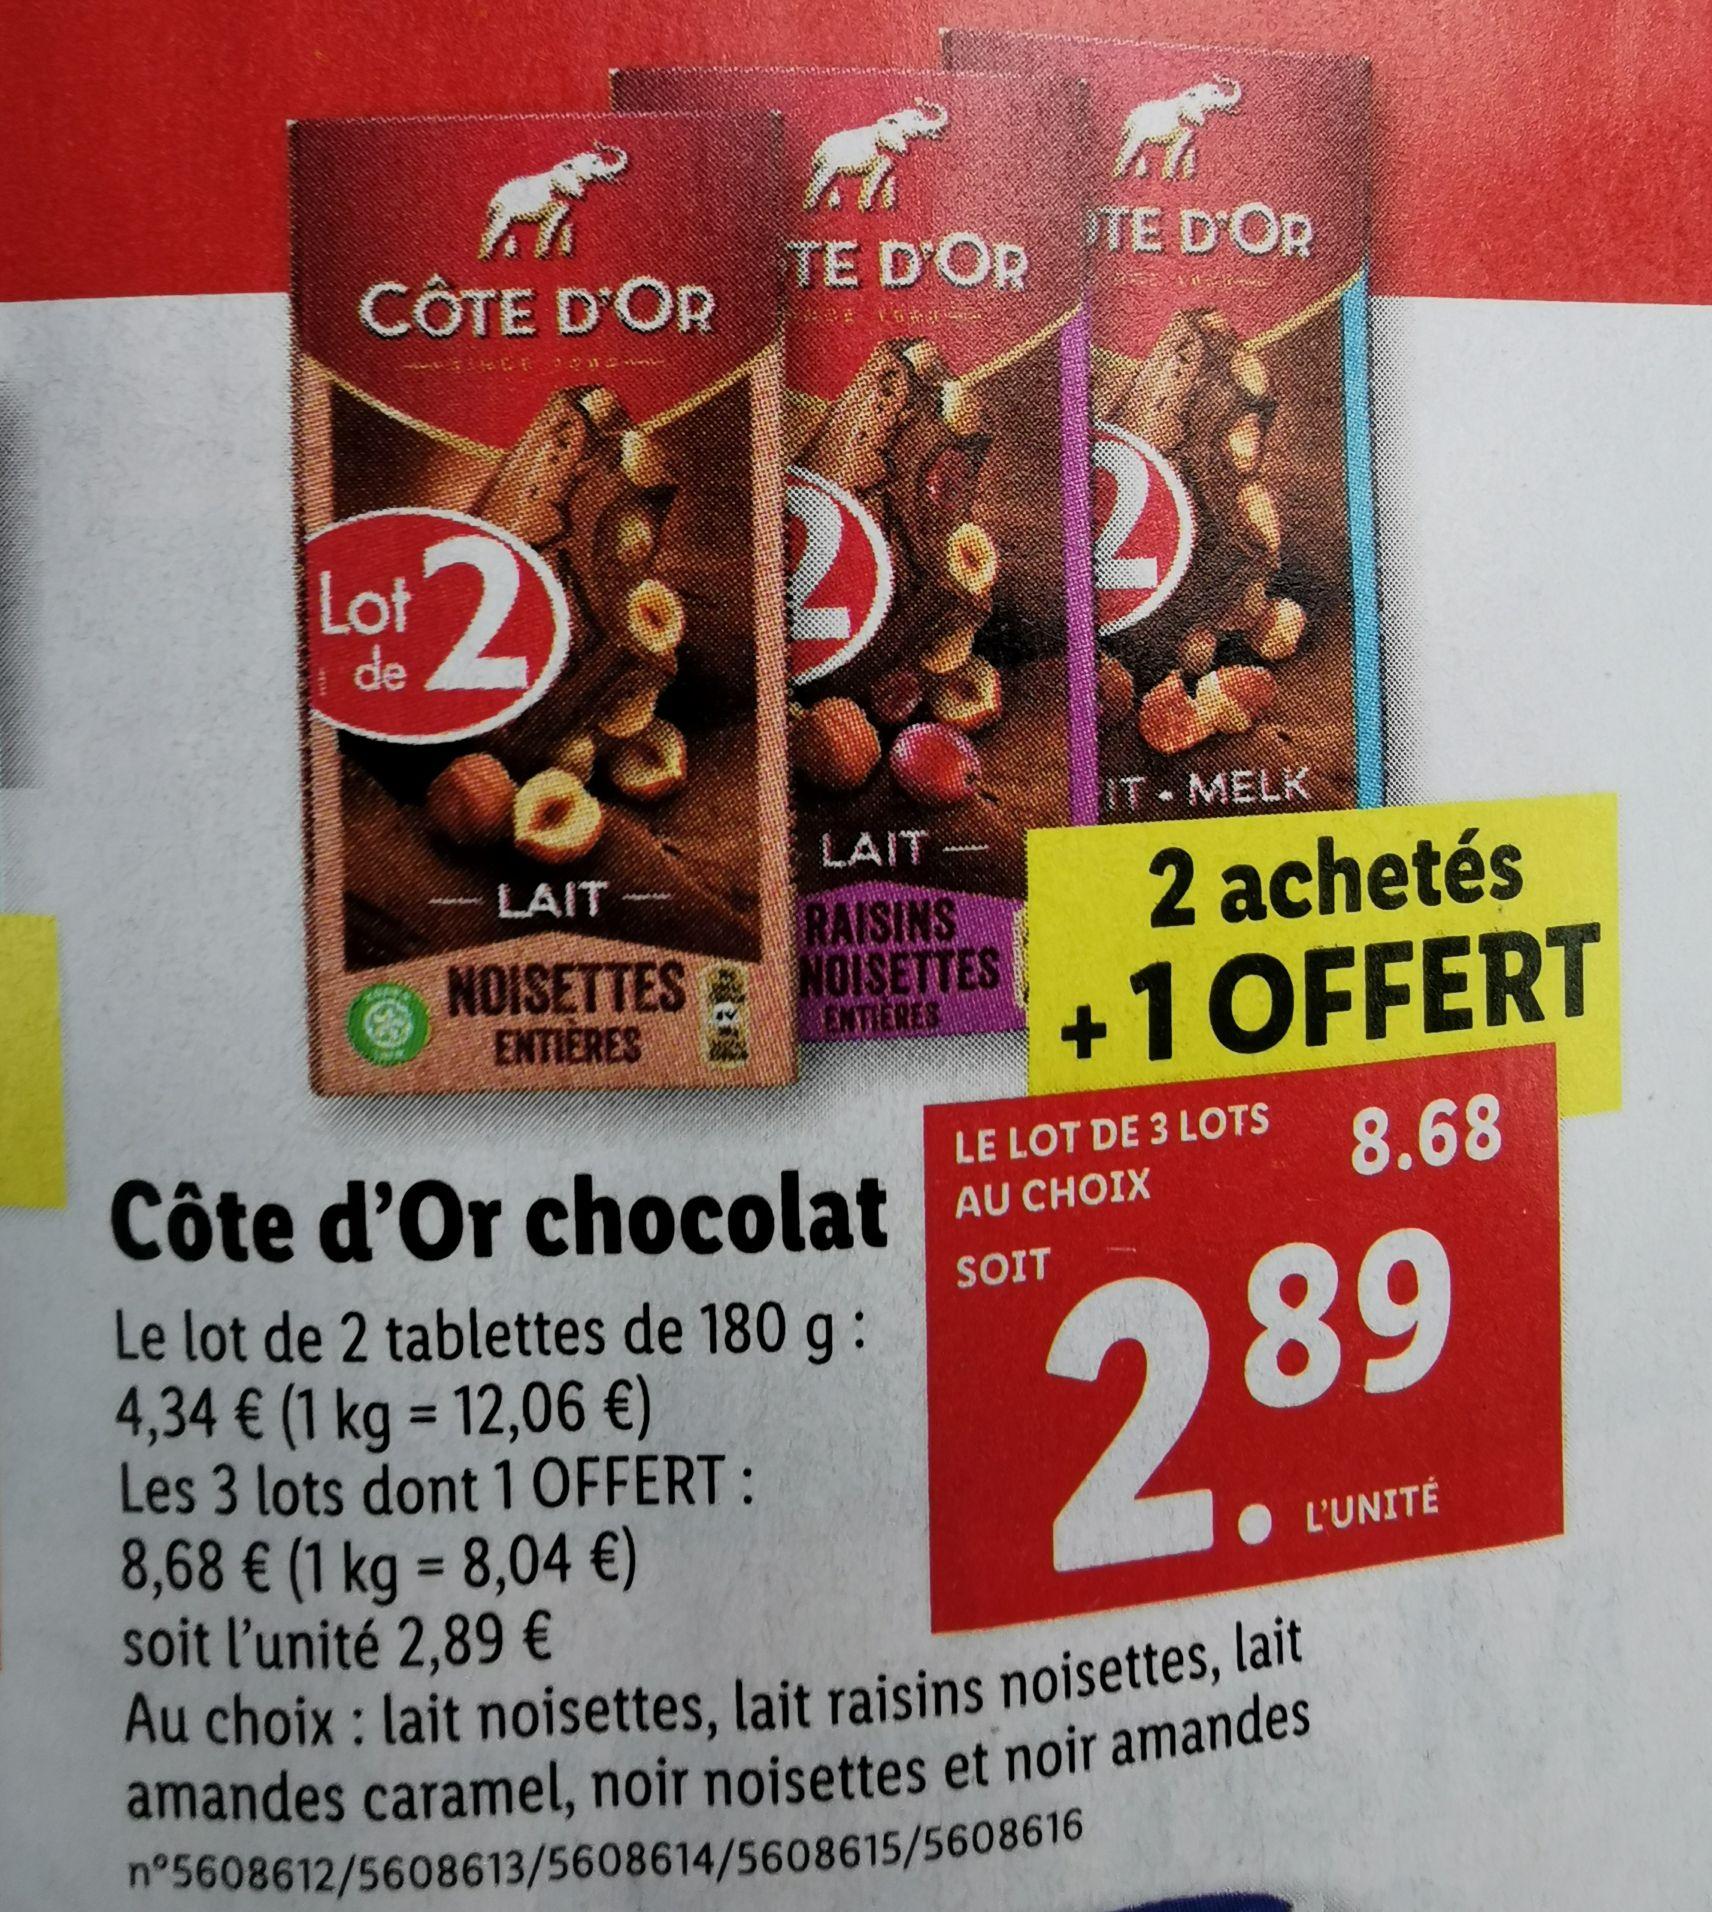 Lot de 3 paquets de 2 tablettes de chocolat Côte d'Or - 6x180 g, Variétés au choix